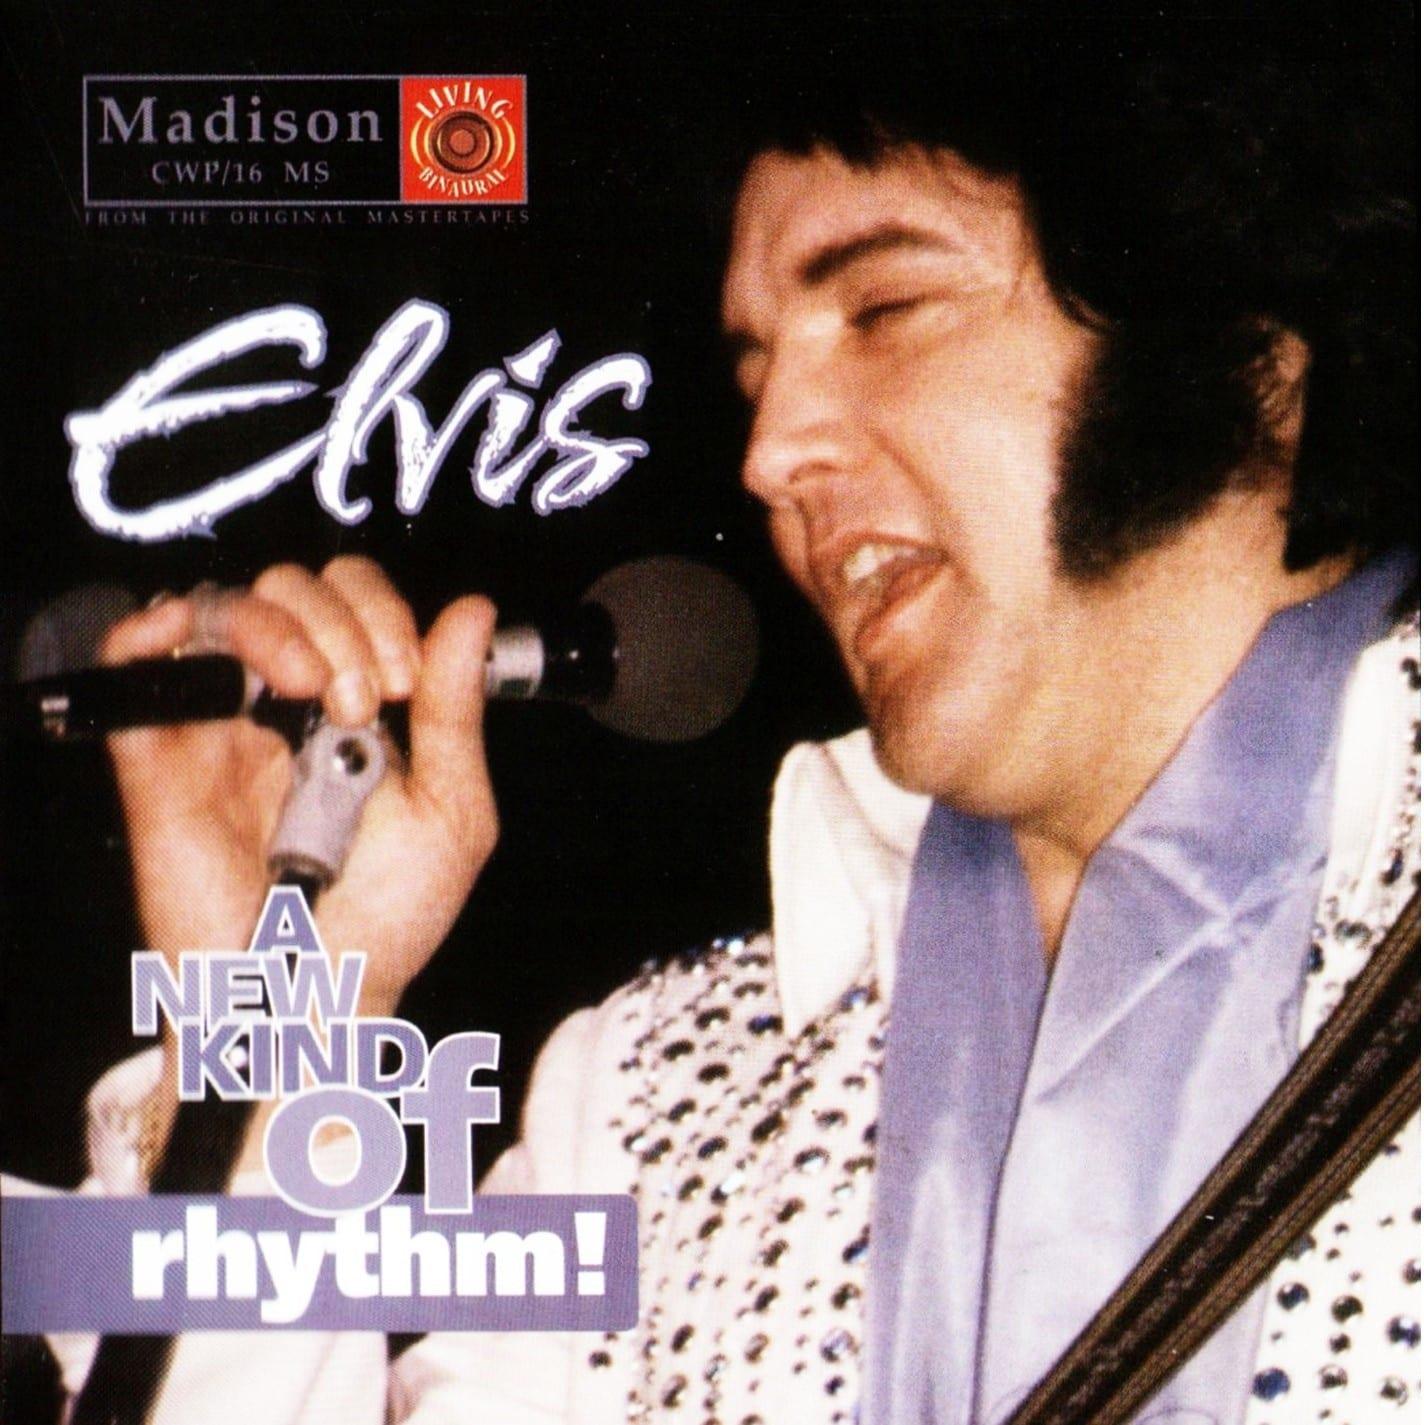 Elvis Presley - A New Kind Of Rhythm! (March 21, 1976) (2007) CD 10